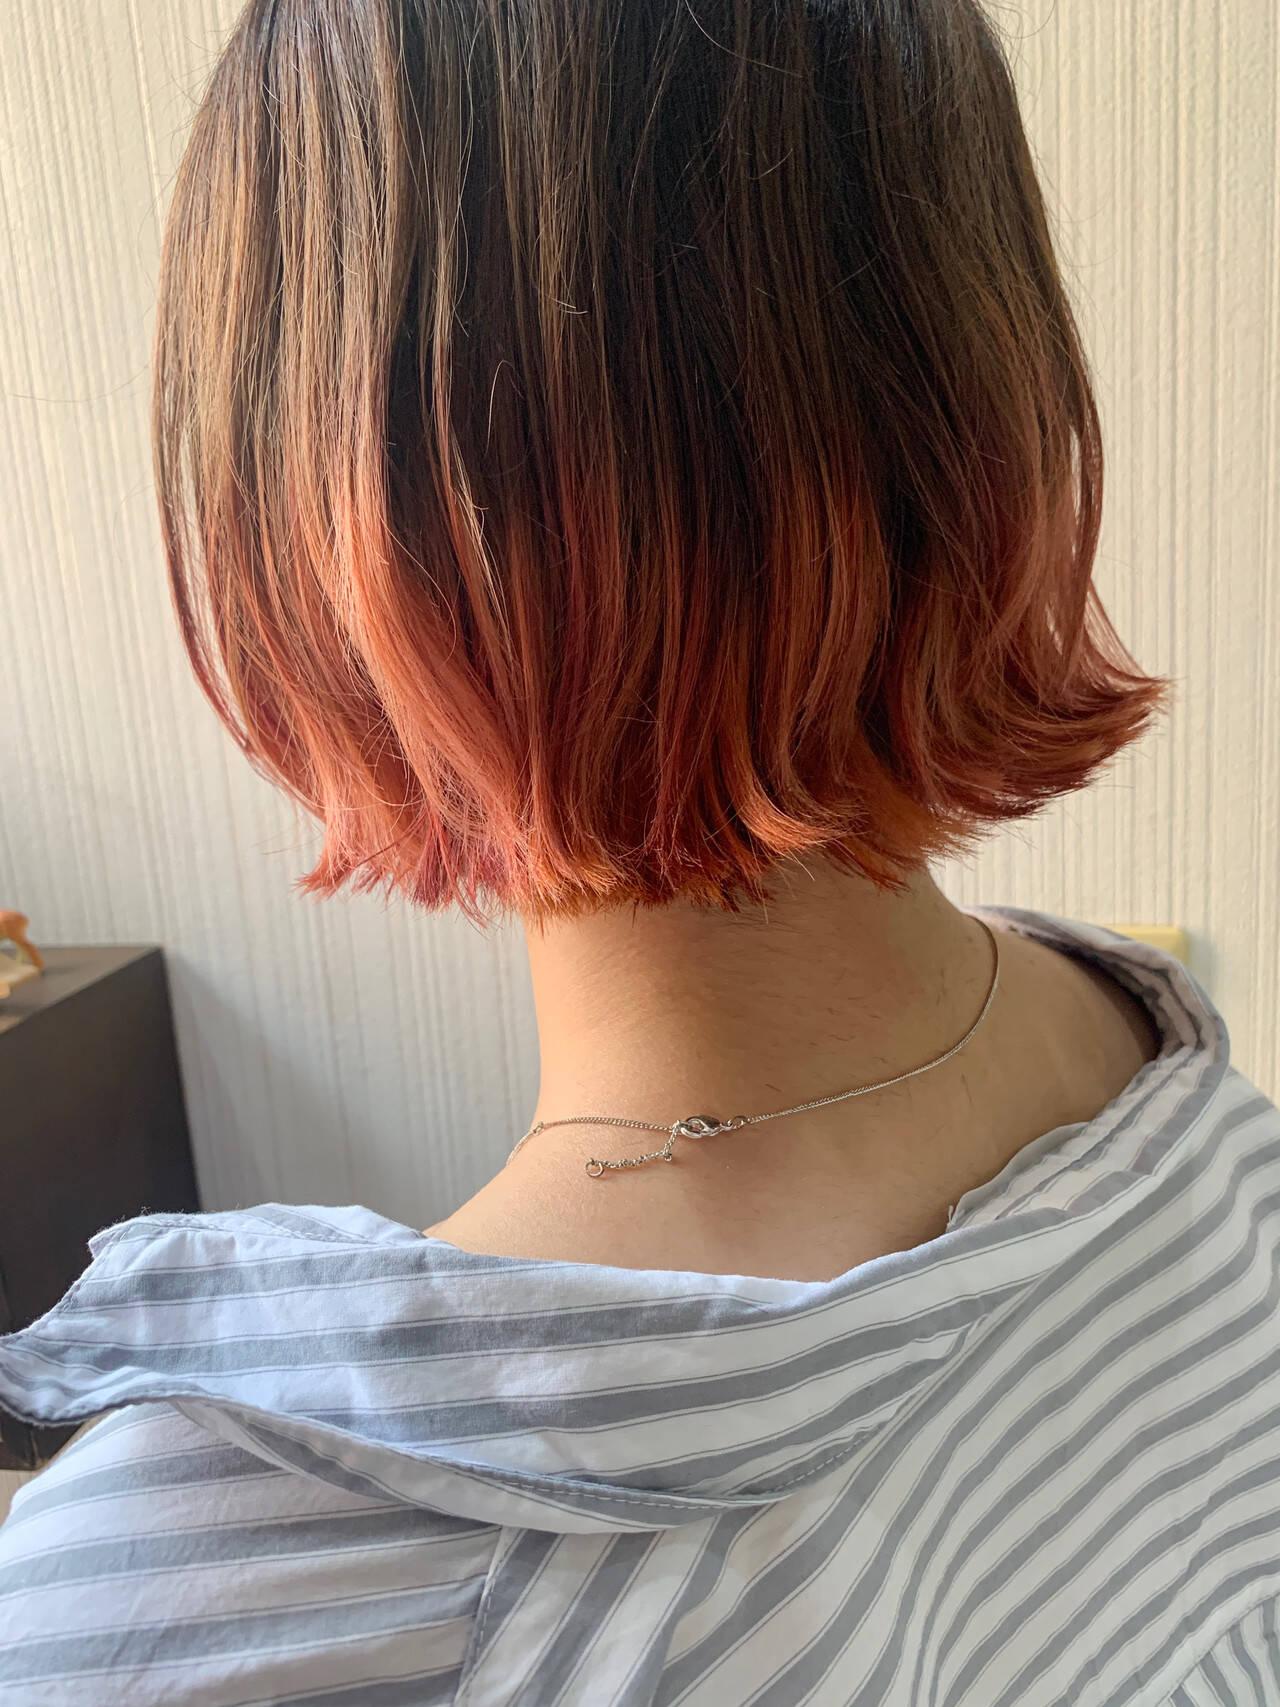 アンニュイほつれヘア オレンジ ゆるふわ ヘアアレンジヘアスタイルや髪型の写真・画像